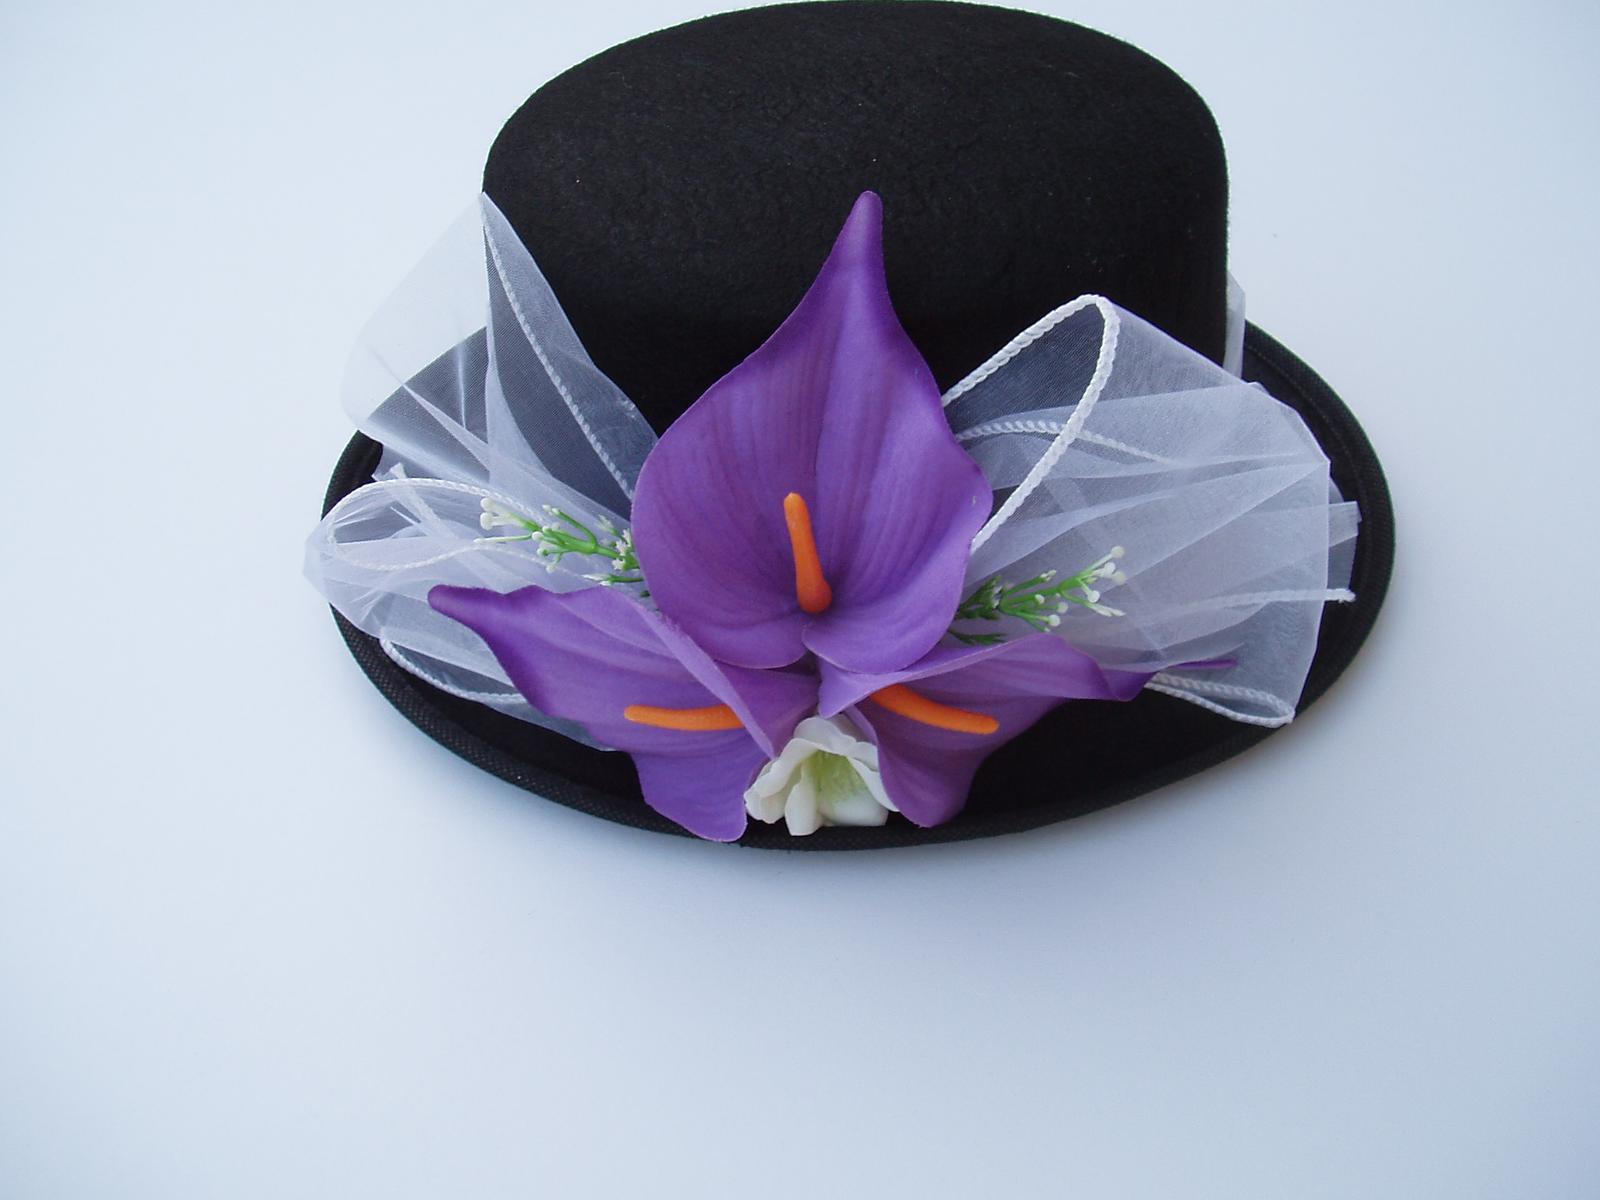 cylindr-kaly lila - Obrázek č. 1